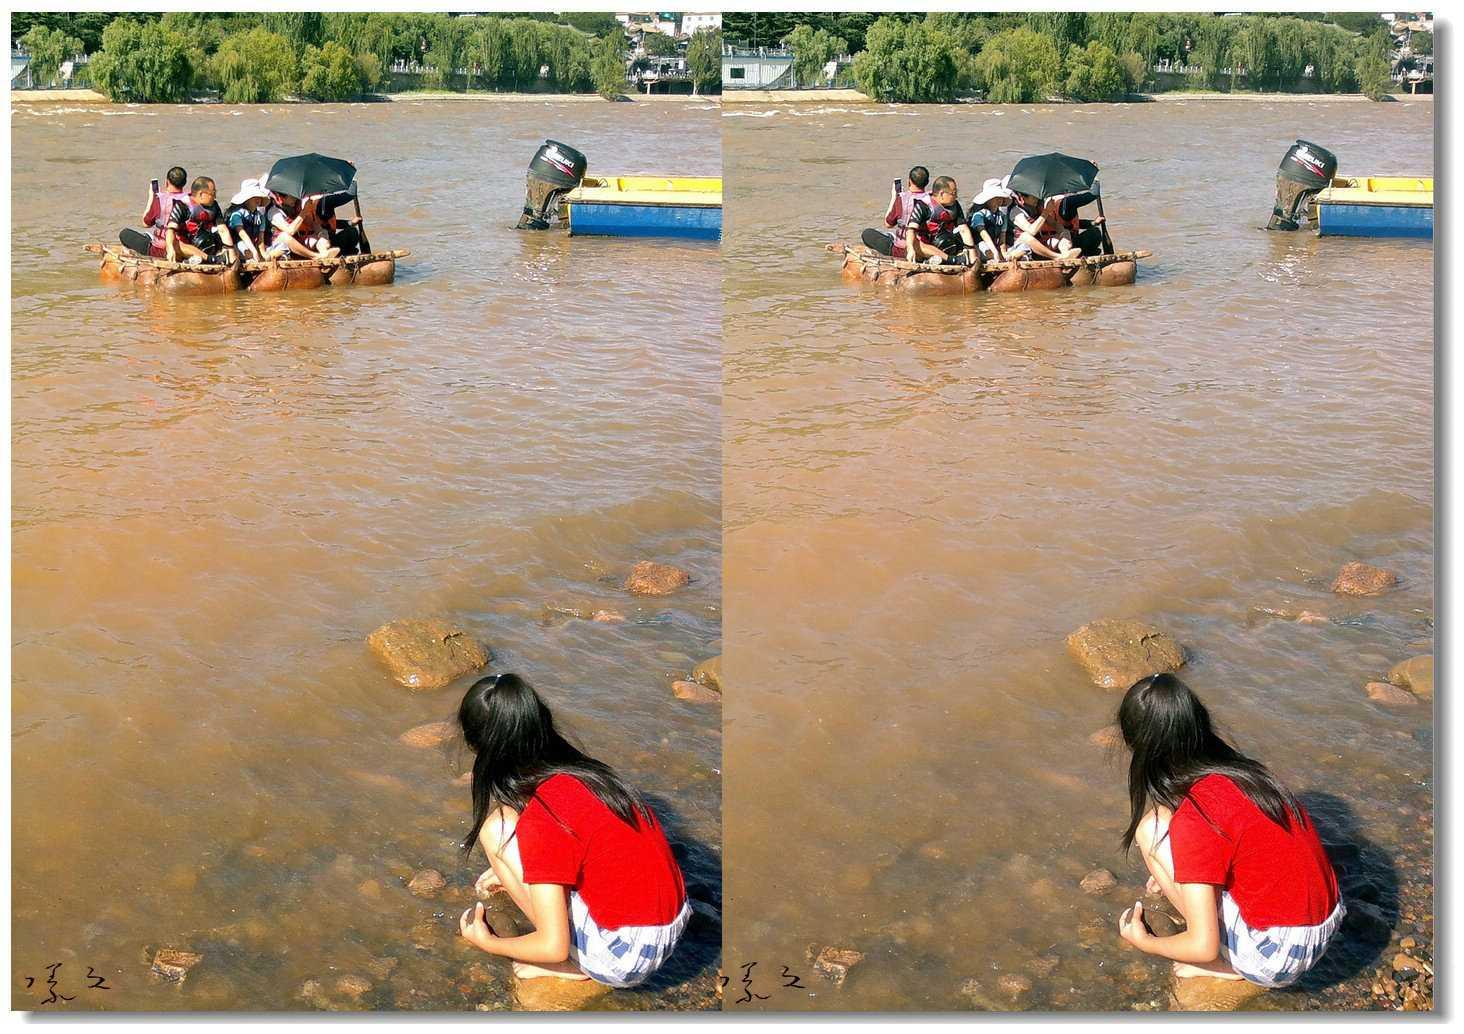 【原创】河边、女孩、羊皮筏... 4